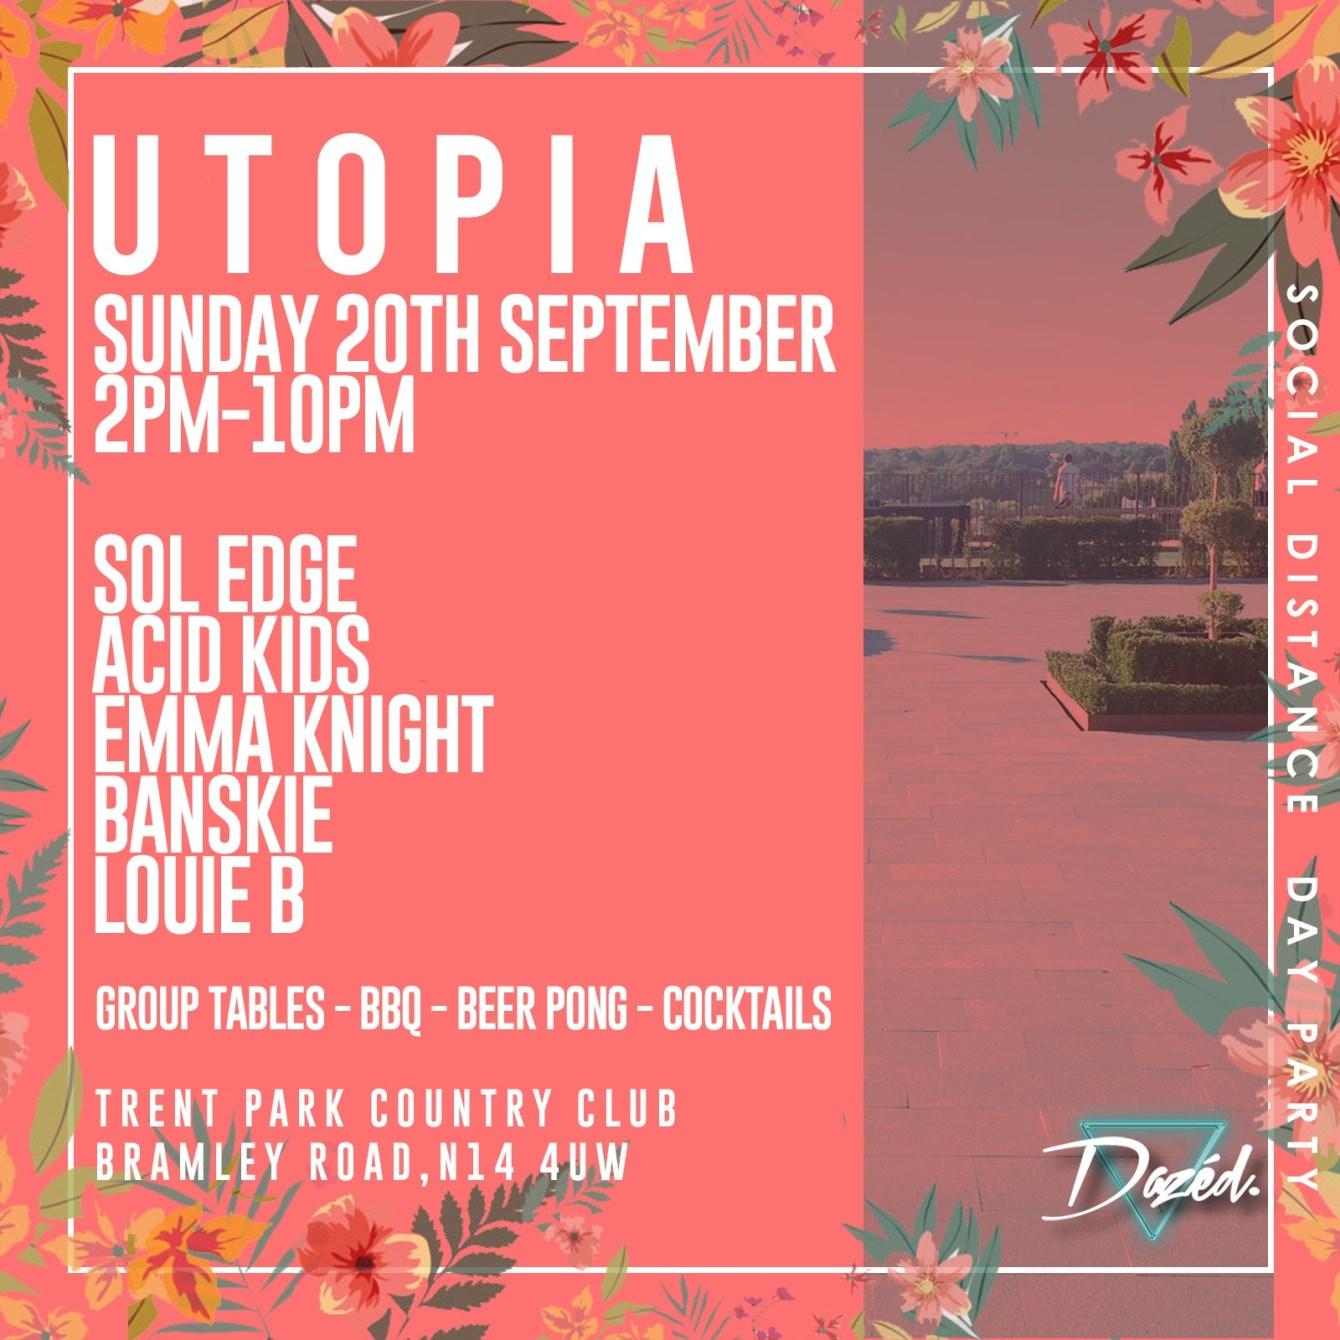 Utopia Garden Party - Flyer front